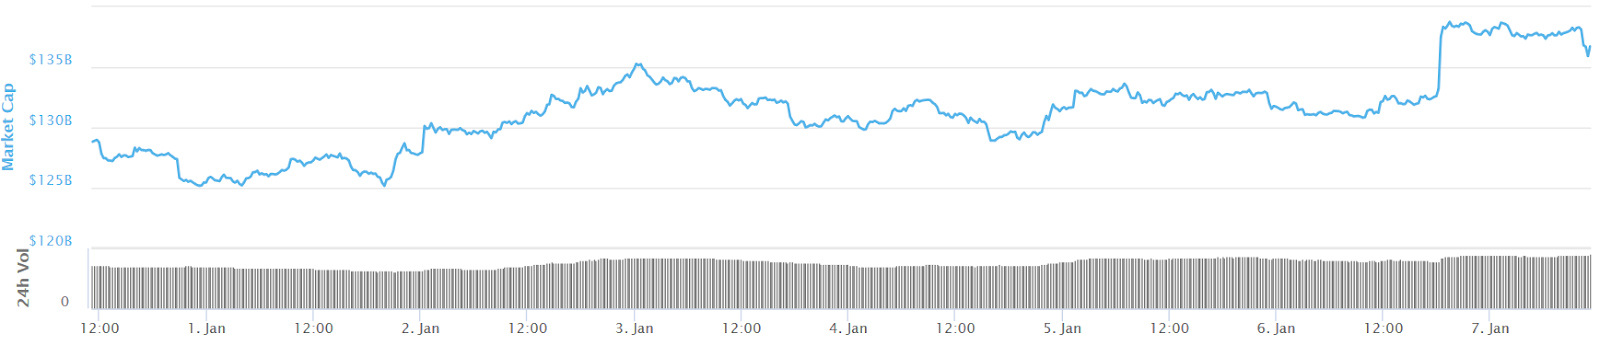 Gráfico de capitalización de mercado de todas las criptos en 7 días